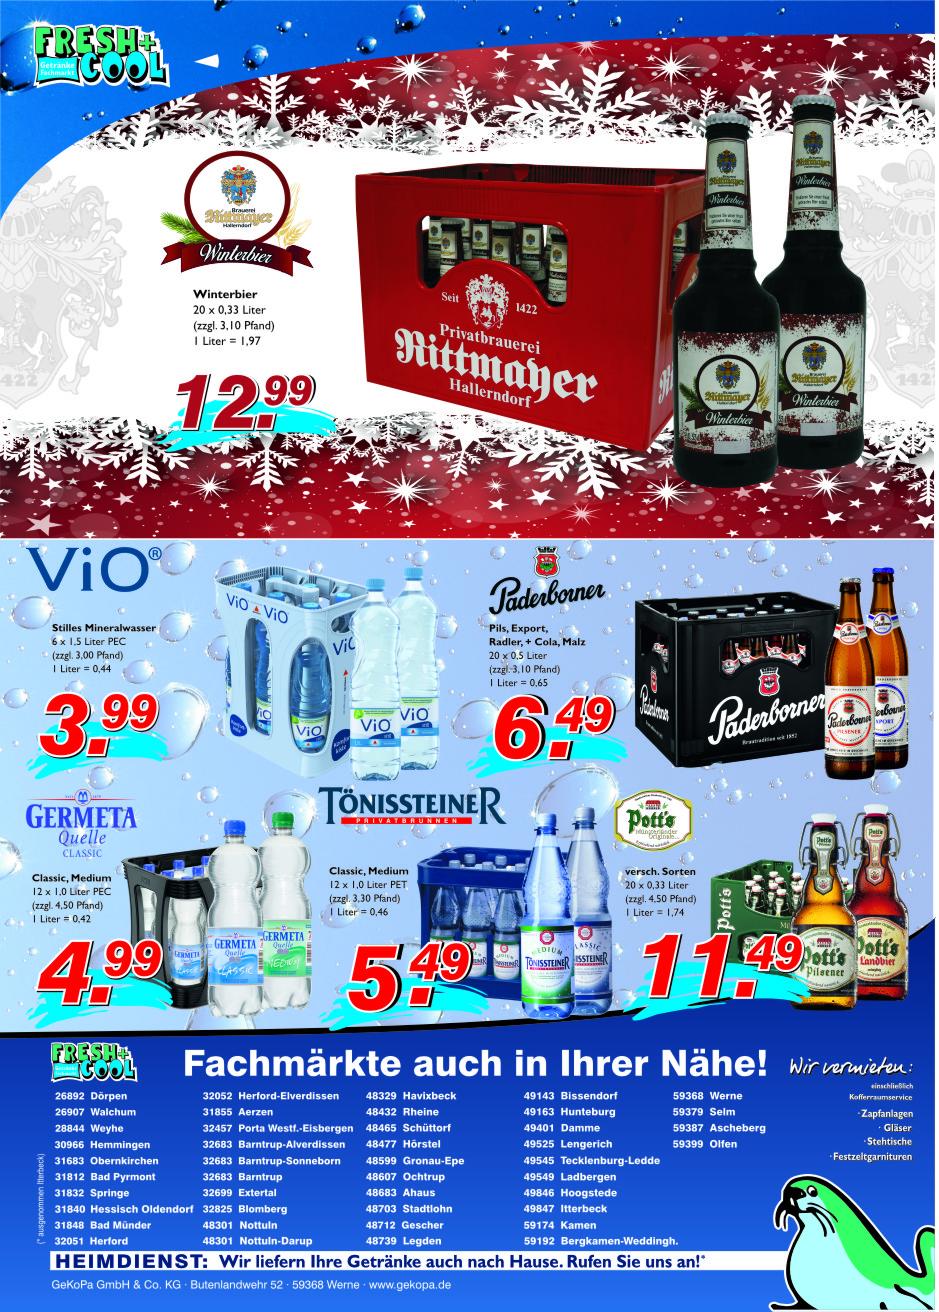 Angebote vom 20.-26.11.14 Seite 2 | Getränke Rücker